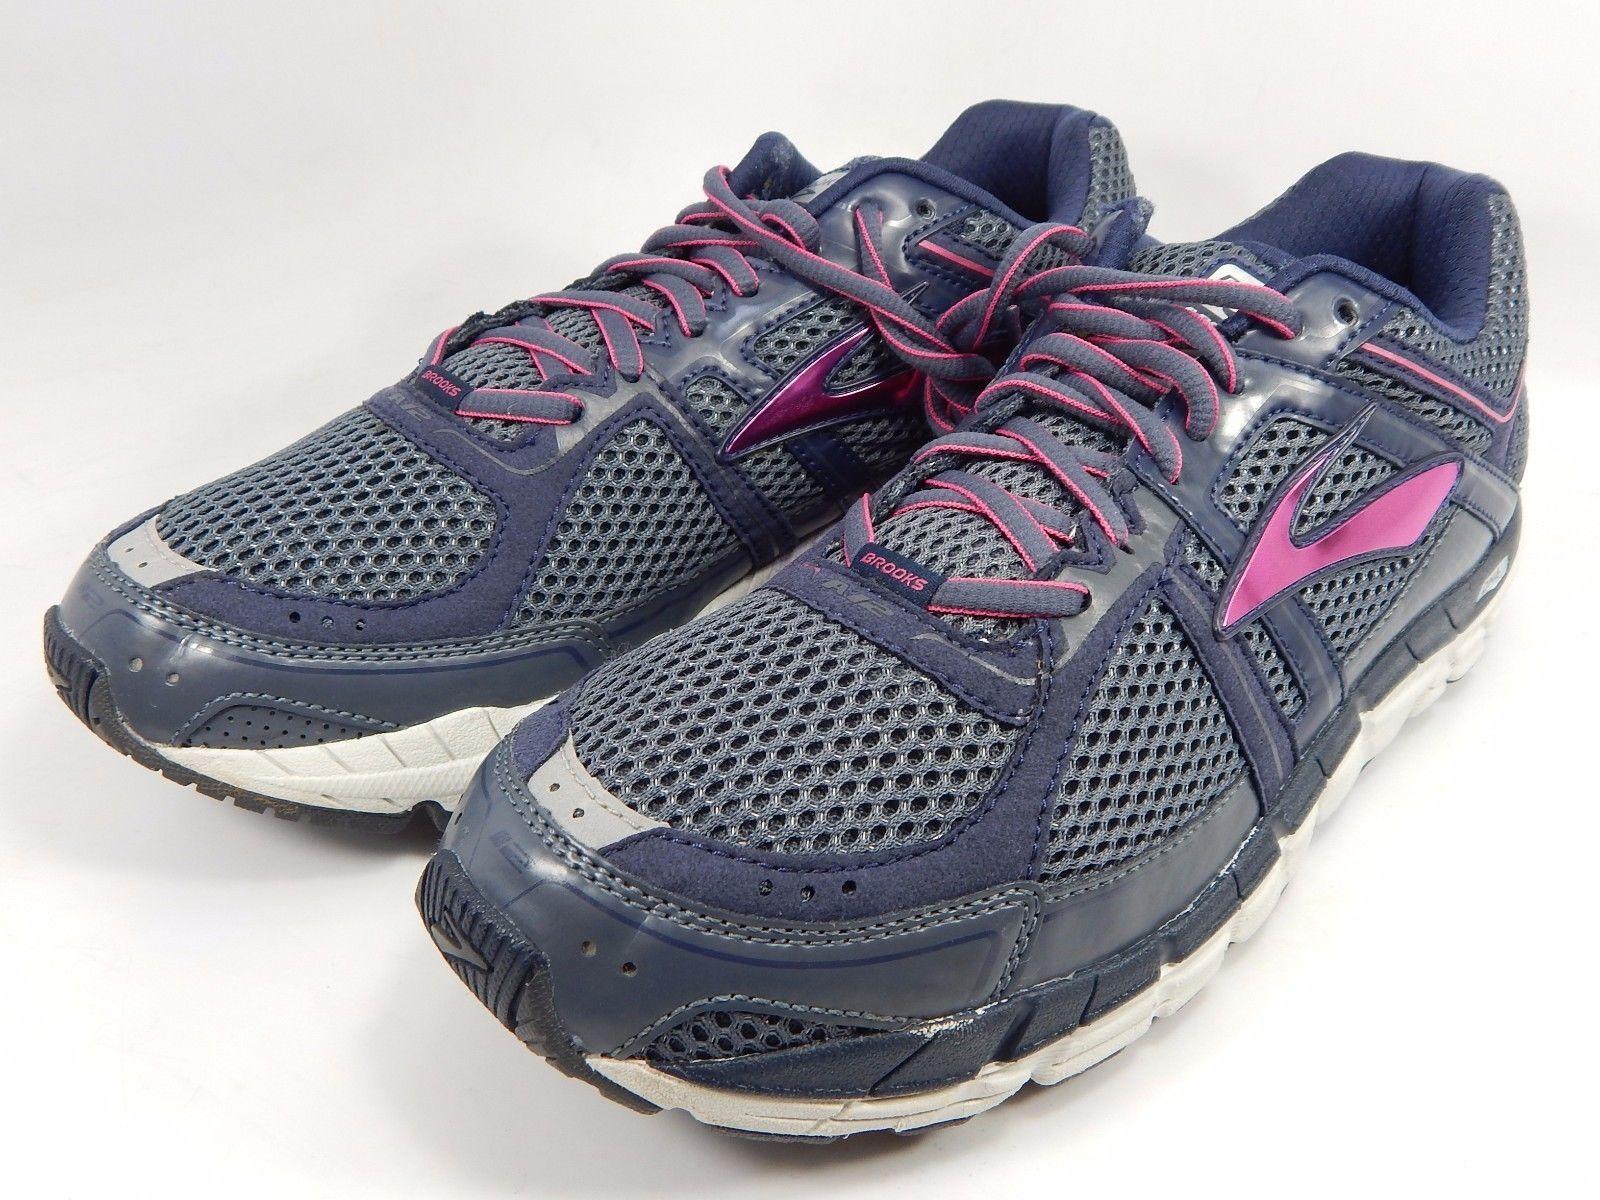 Brooks Addiction 12 Women's Running Shoes Sz US 11.5 2A NARROW EU 44 1201882A463